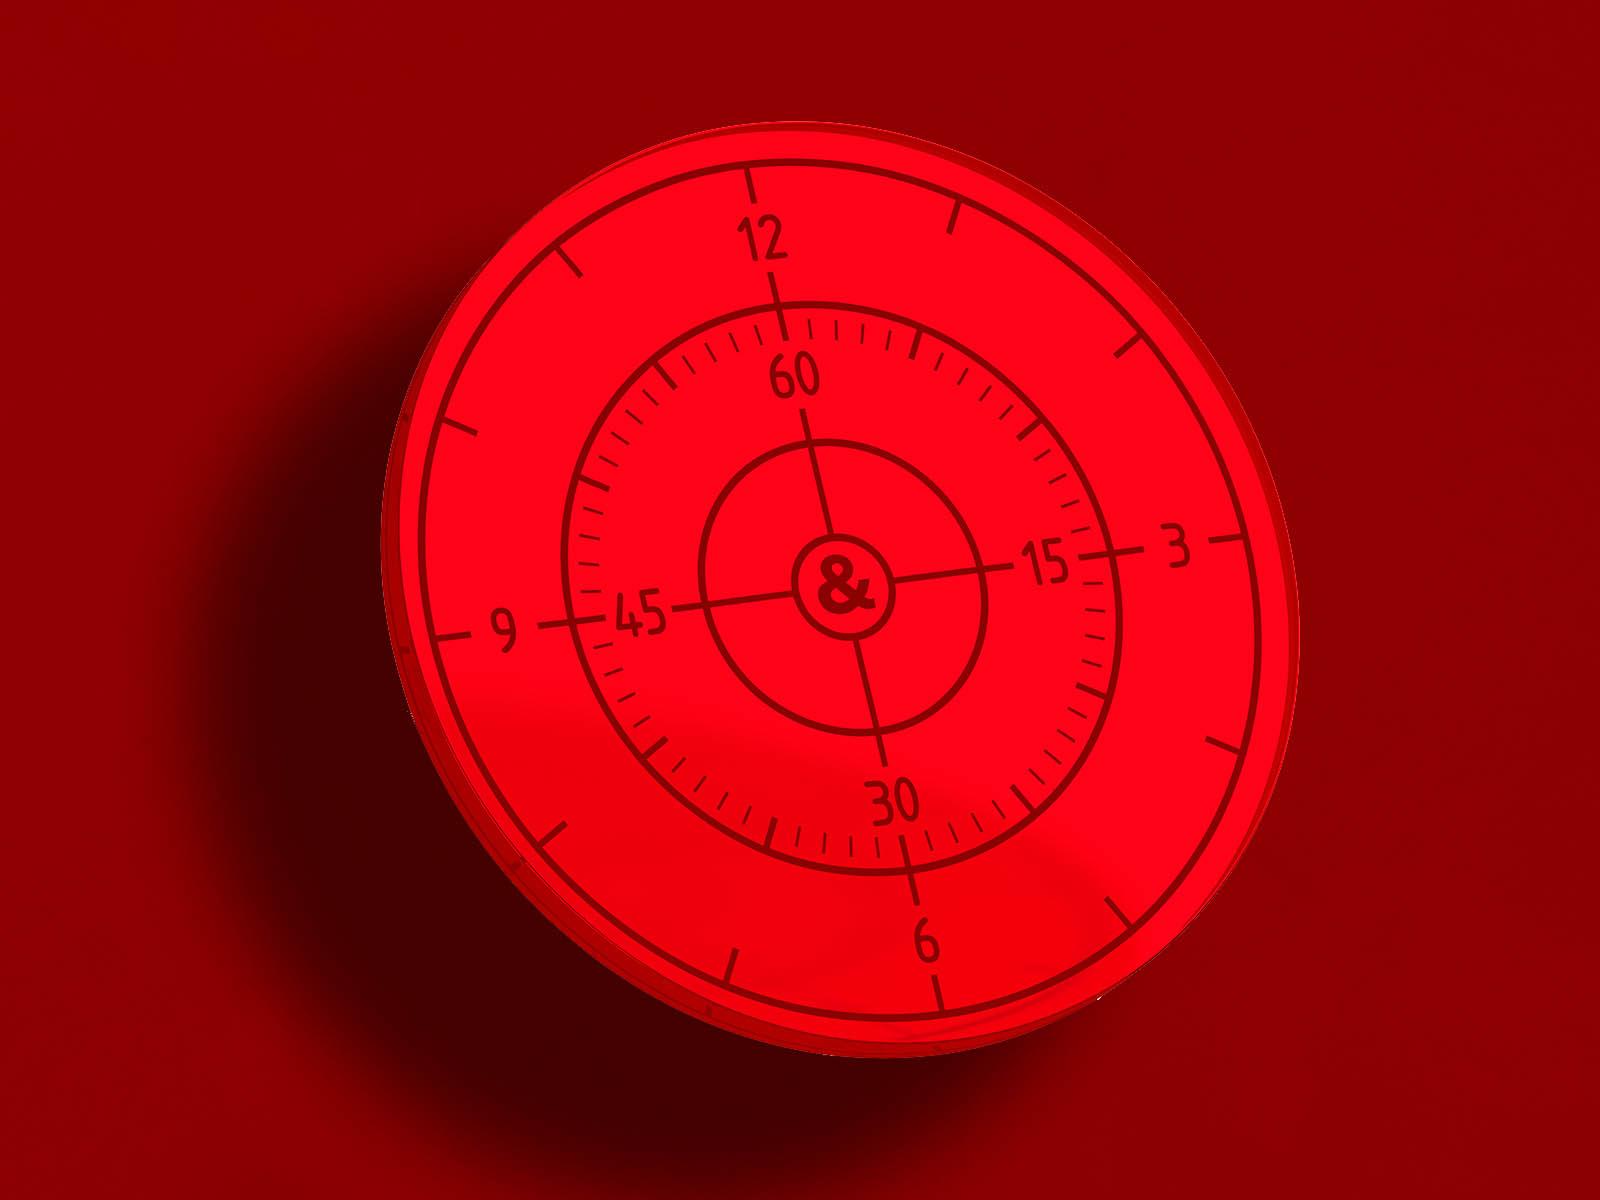 br0392-rrdr-ce-srb-bell-ross-br-03-42-red-radar-ceramic-7.jpg